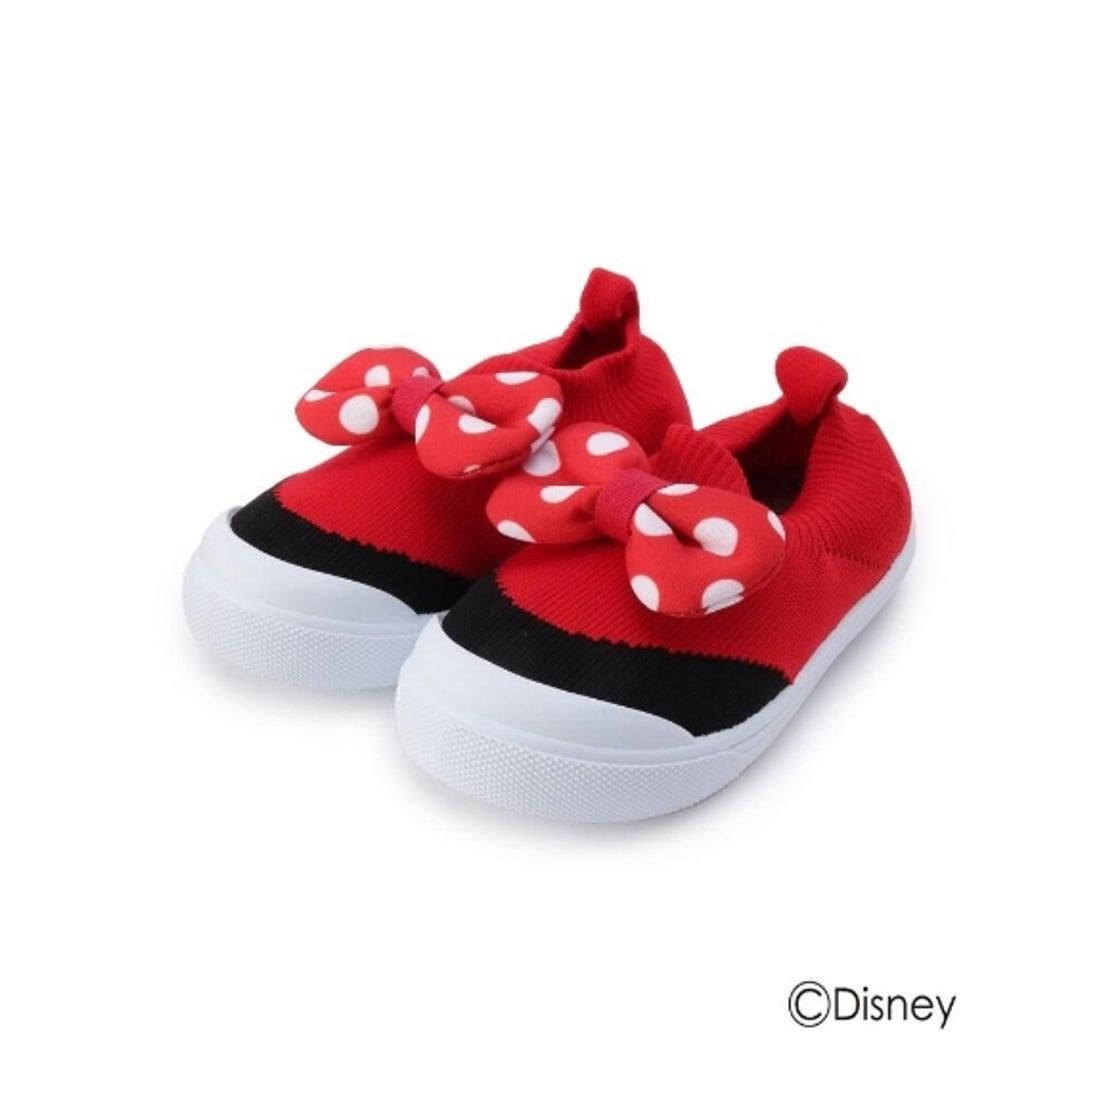 ロコンド 靴とファッションの通販サイトシューグー キッズ SHOO-LA-RUE(Kids) 【Disney】スリッポン (レッド)